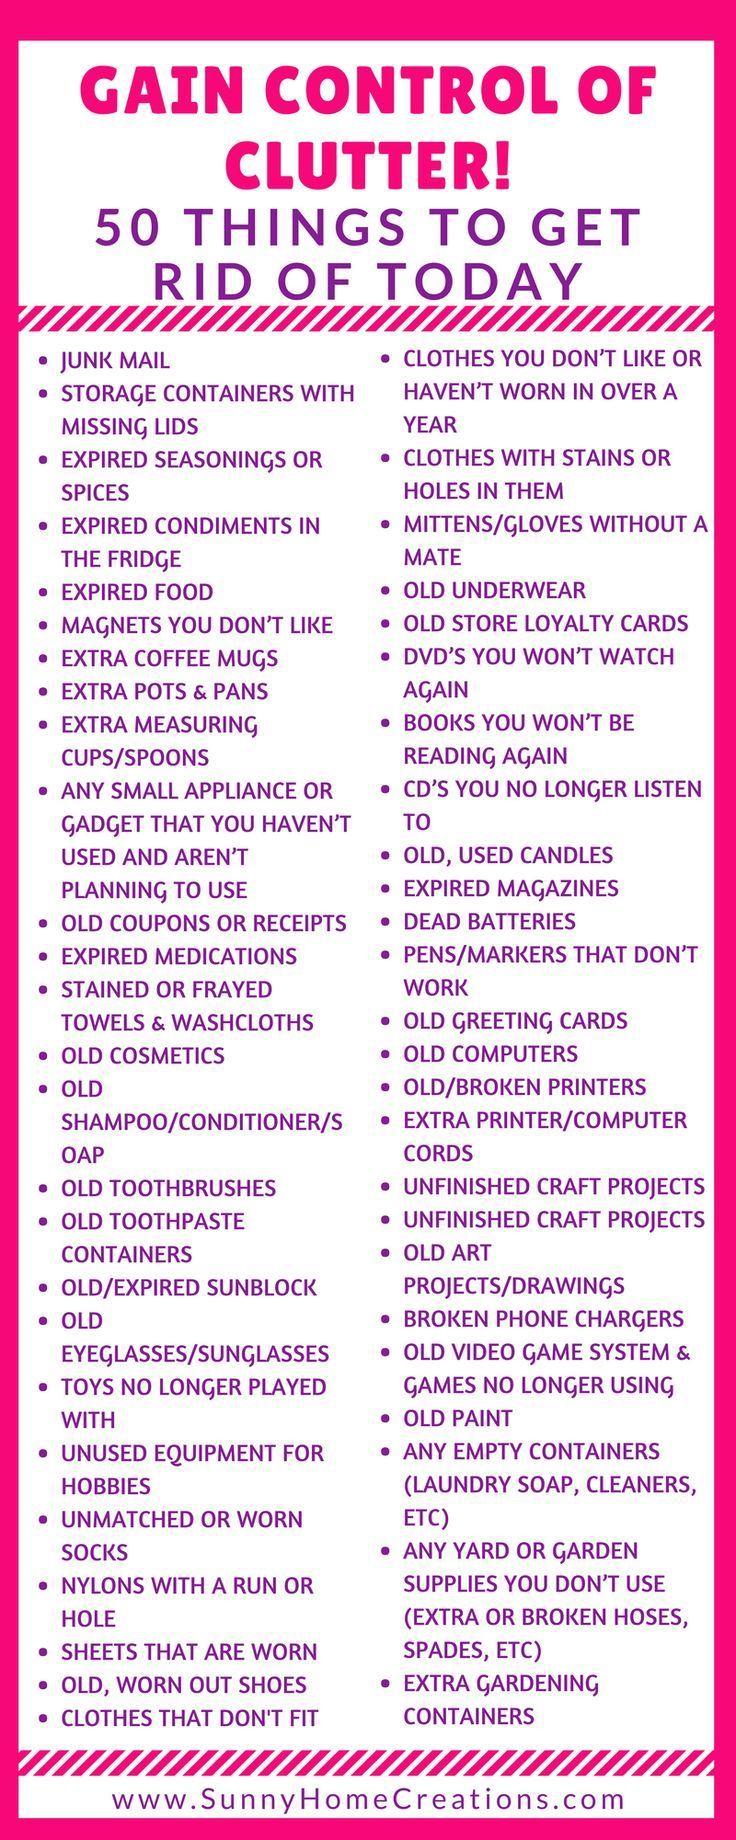 #decluttering #organization #declutter #organized #cluttered